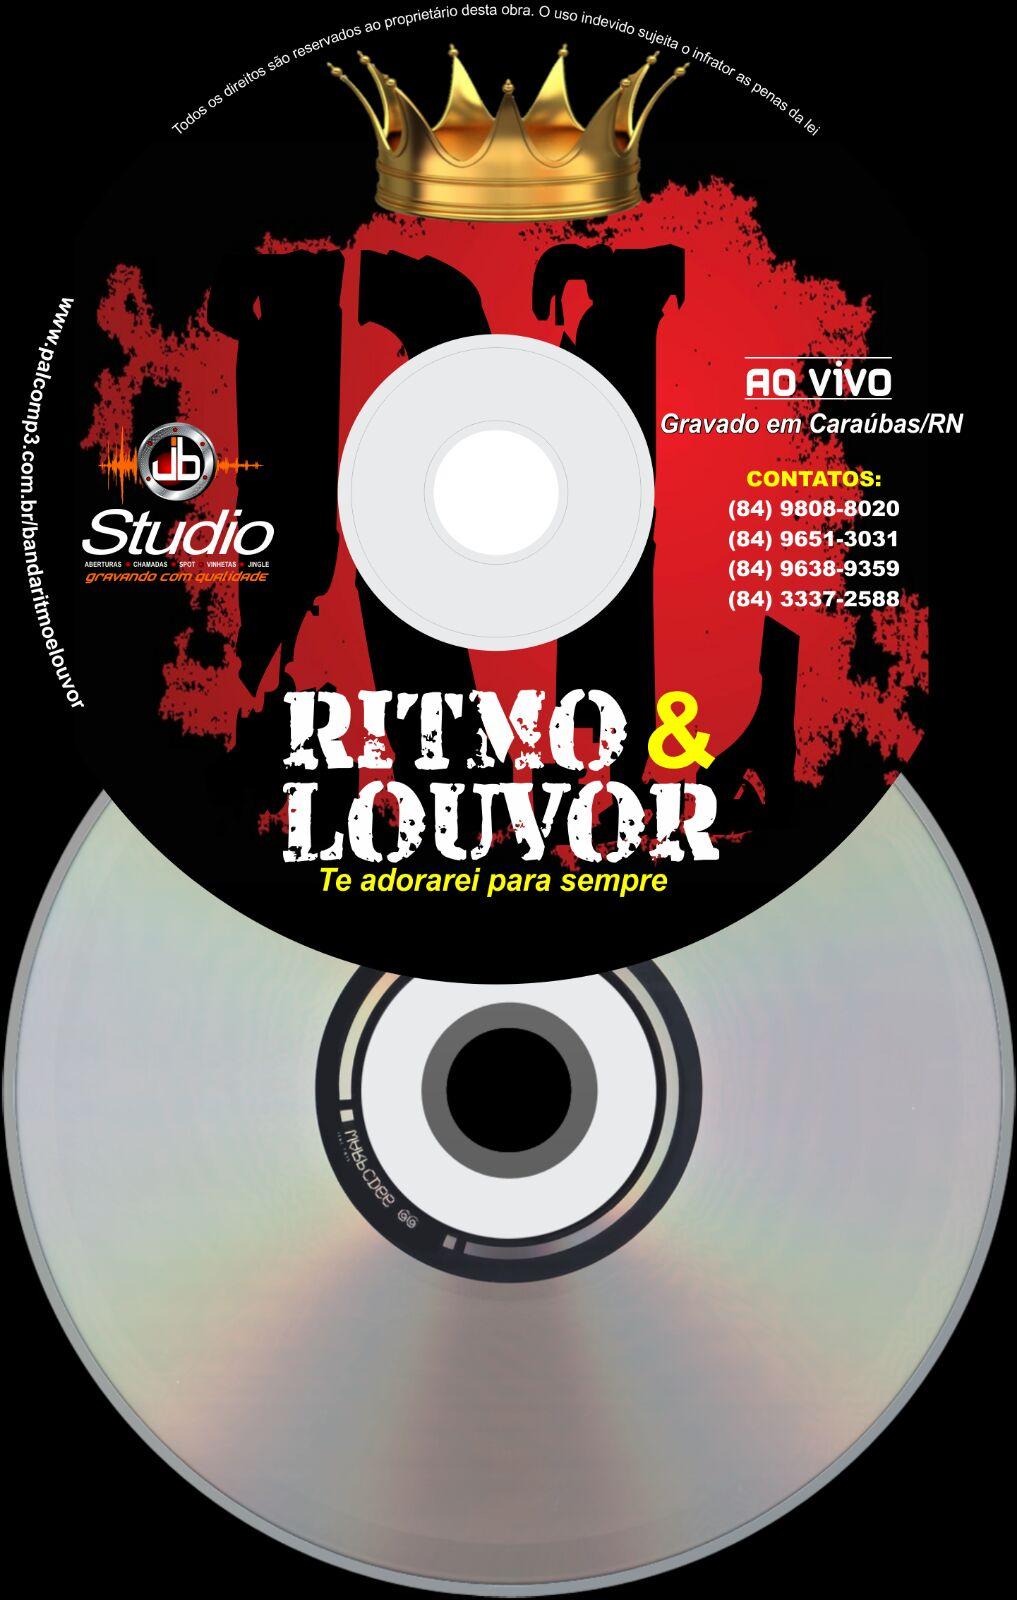 Baixe o CD da Banda Gospel Ritmo e Louvor de Caraúbas!